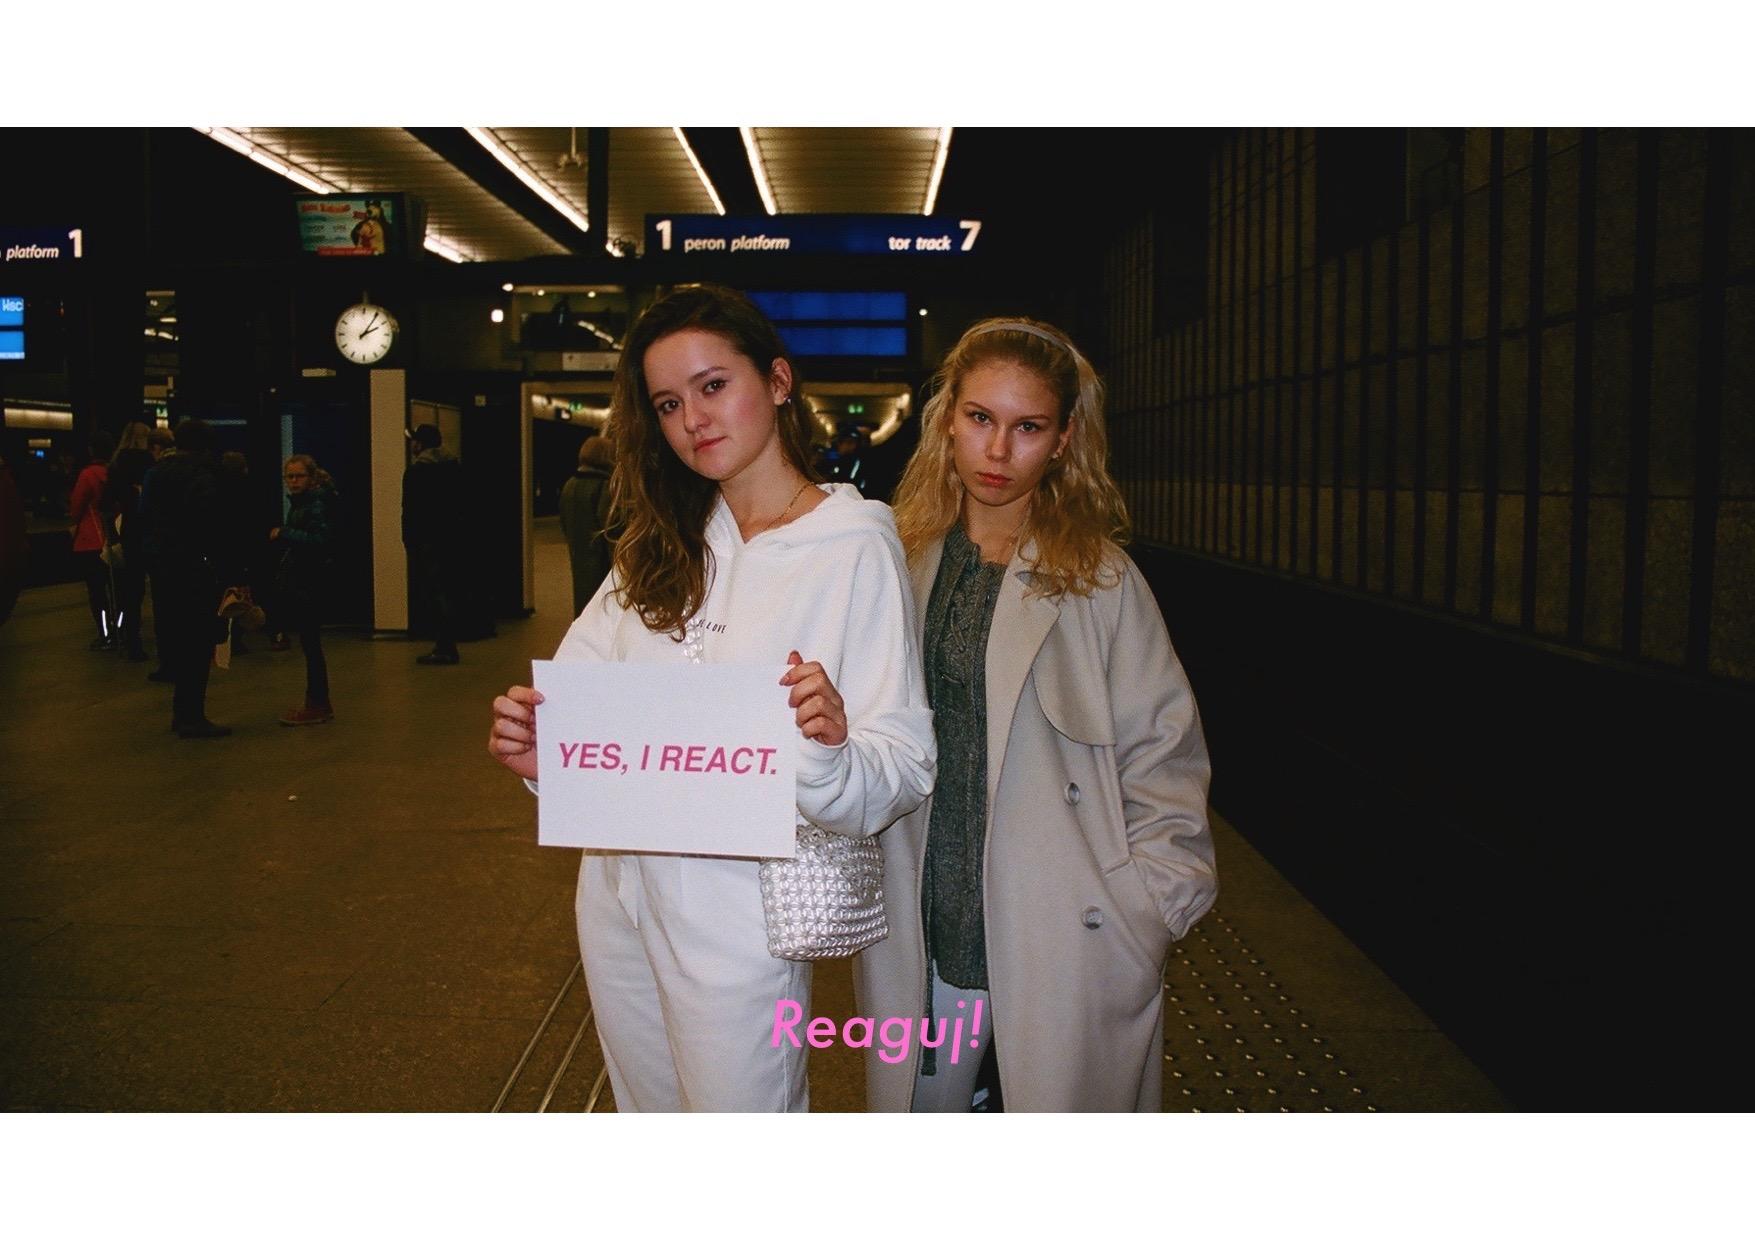 Dwie dziewczyny na dworcu z kartką Yes I react